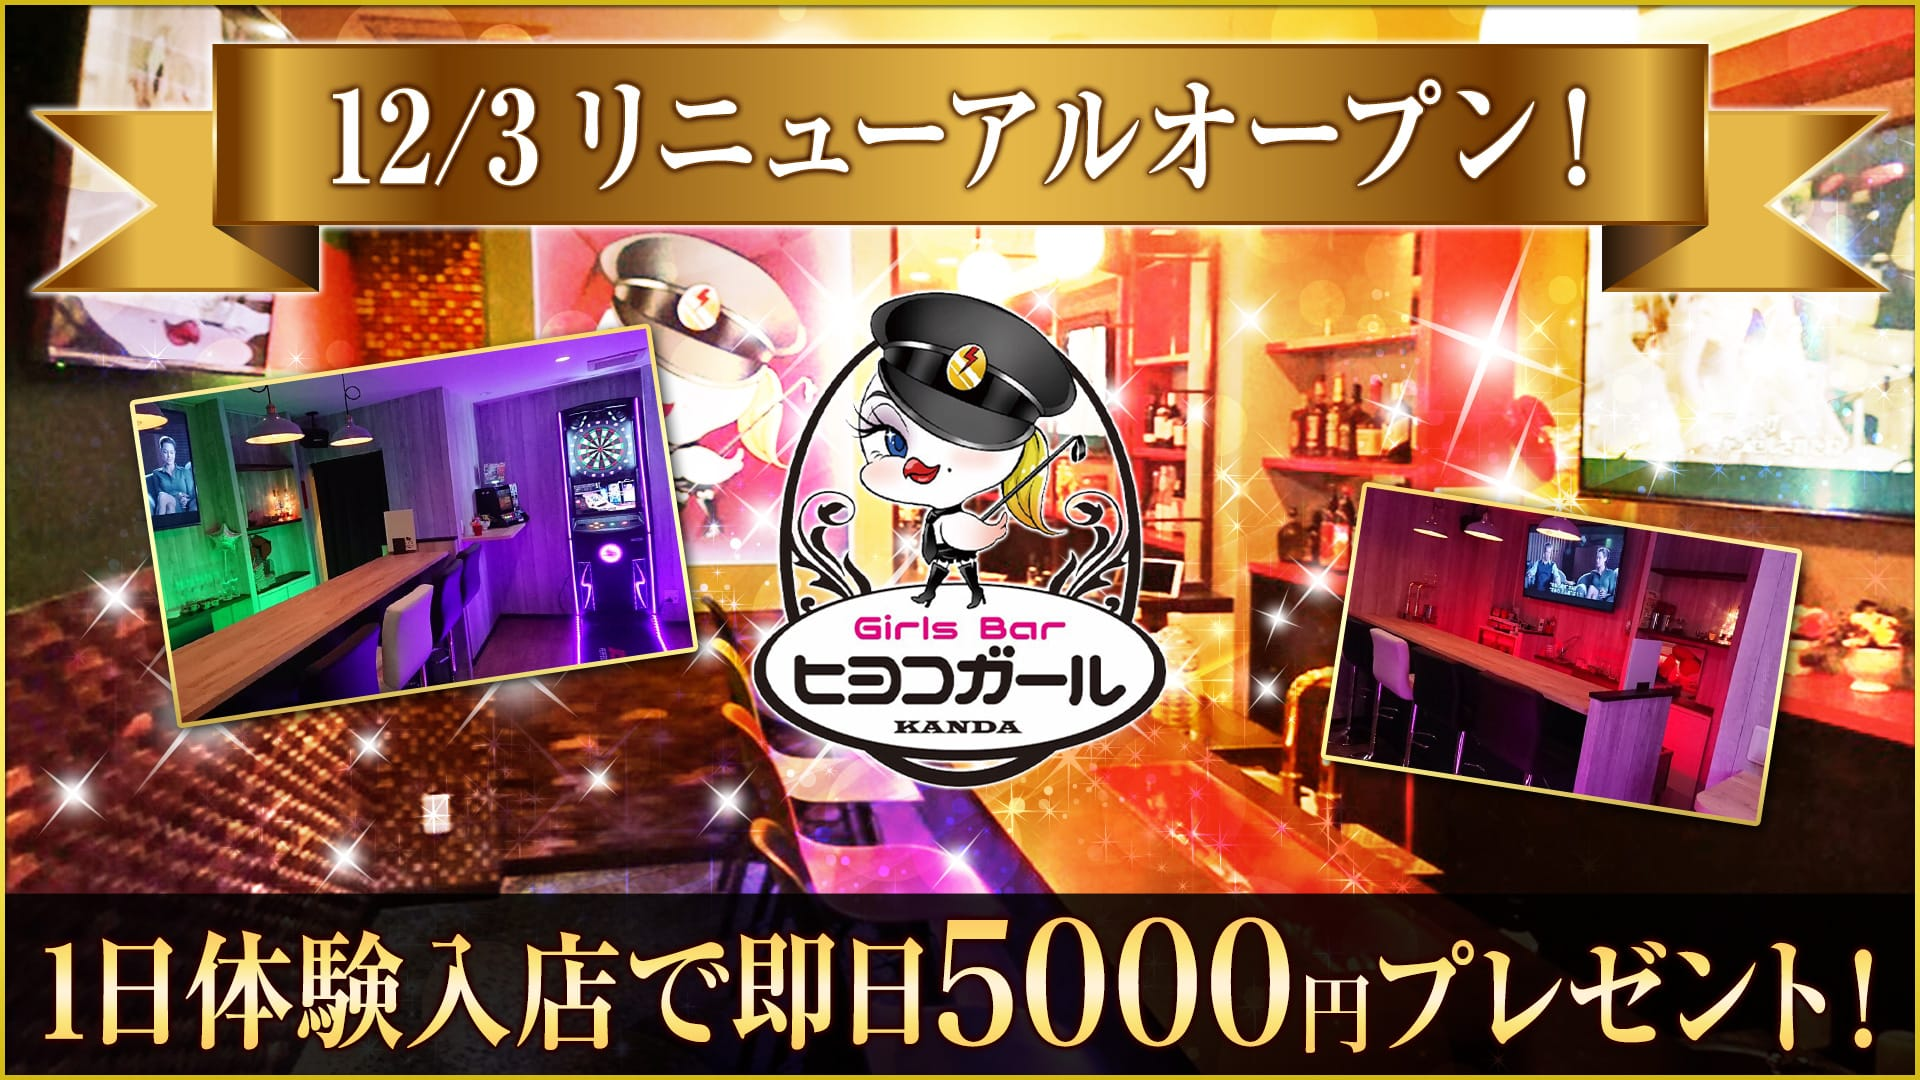 ヒヨコガール 神田ガールズバー TOP画像